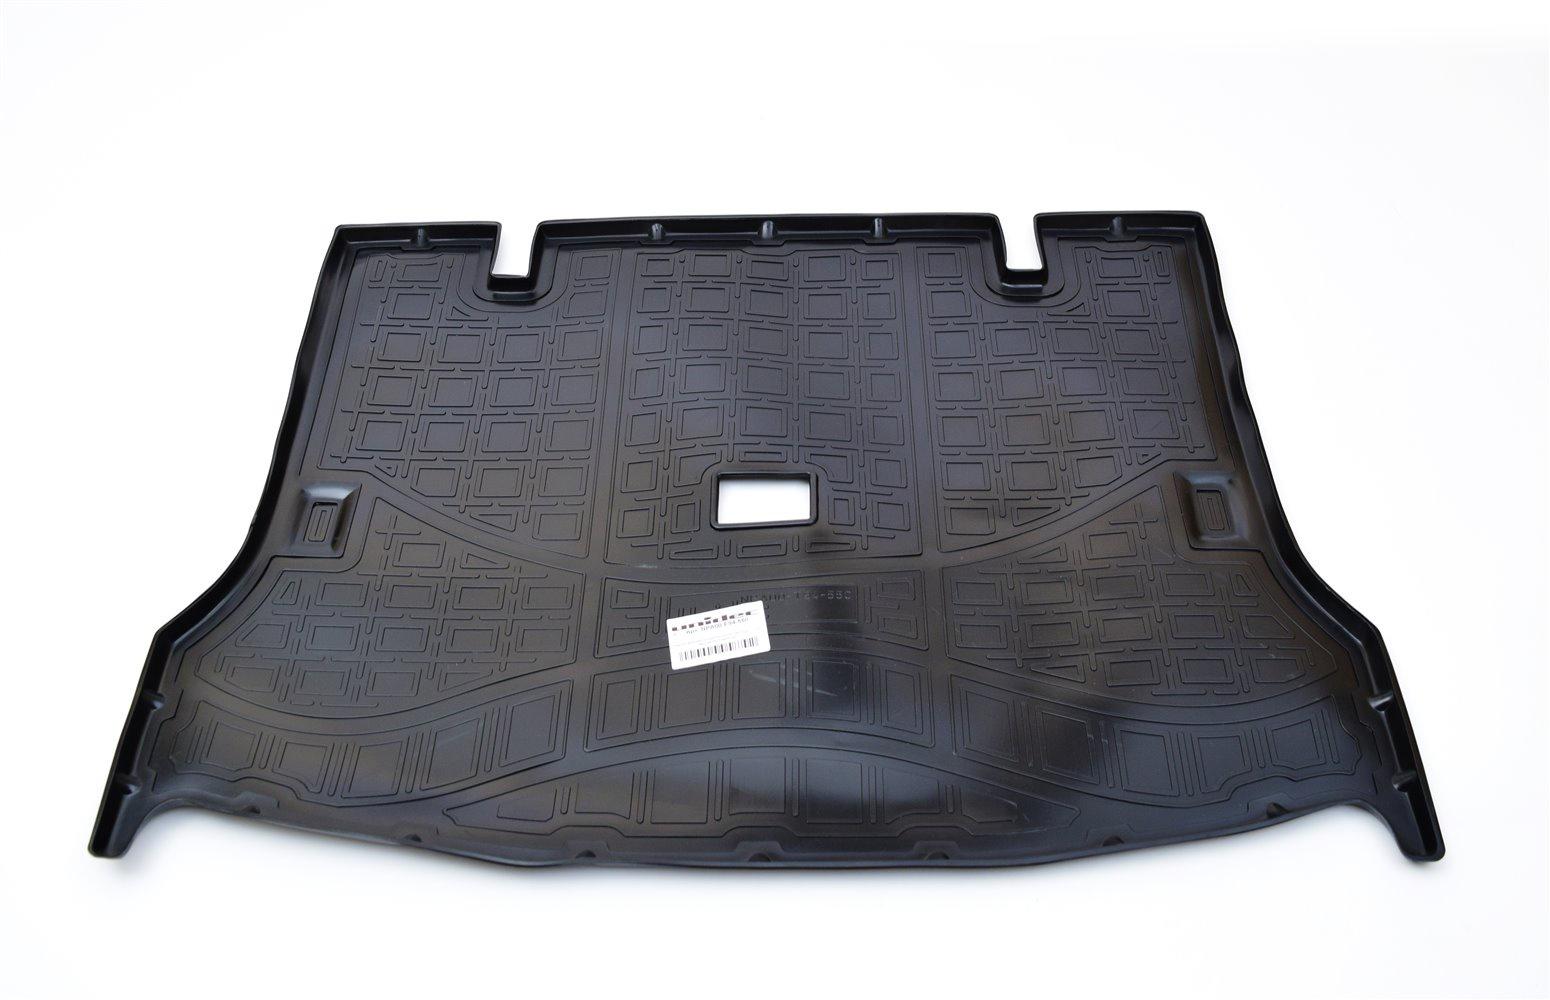 цена на Коврики в салон автомобиля Avtodriver литьевые для Nissan Qashqai (2015), Np11-Ldc-61-608, черный